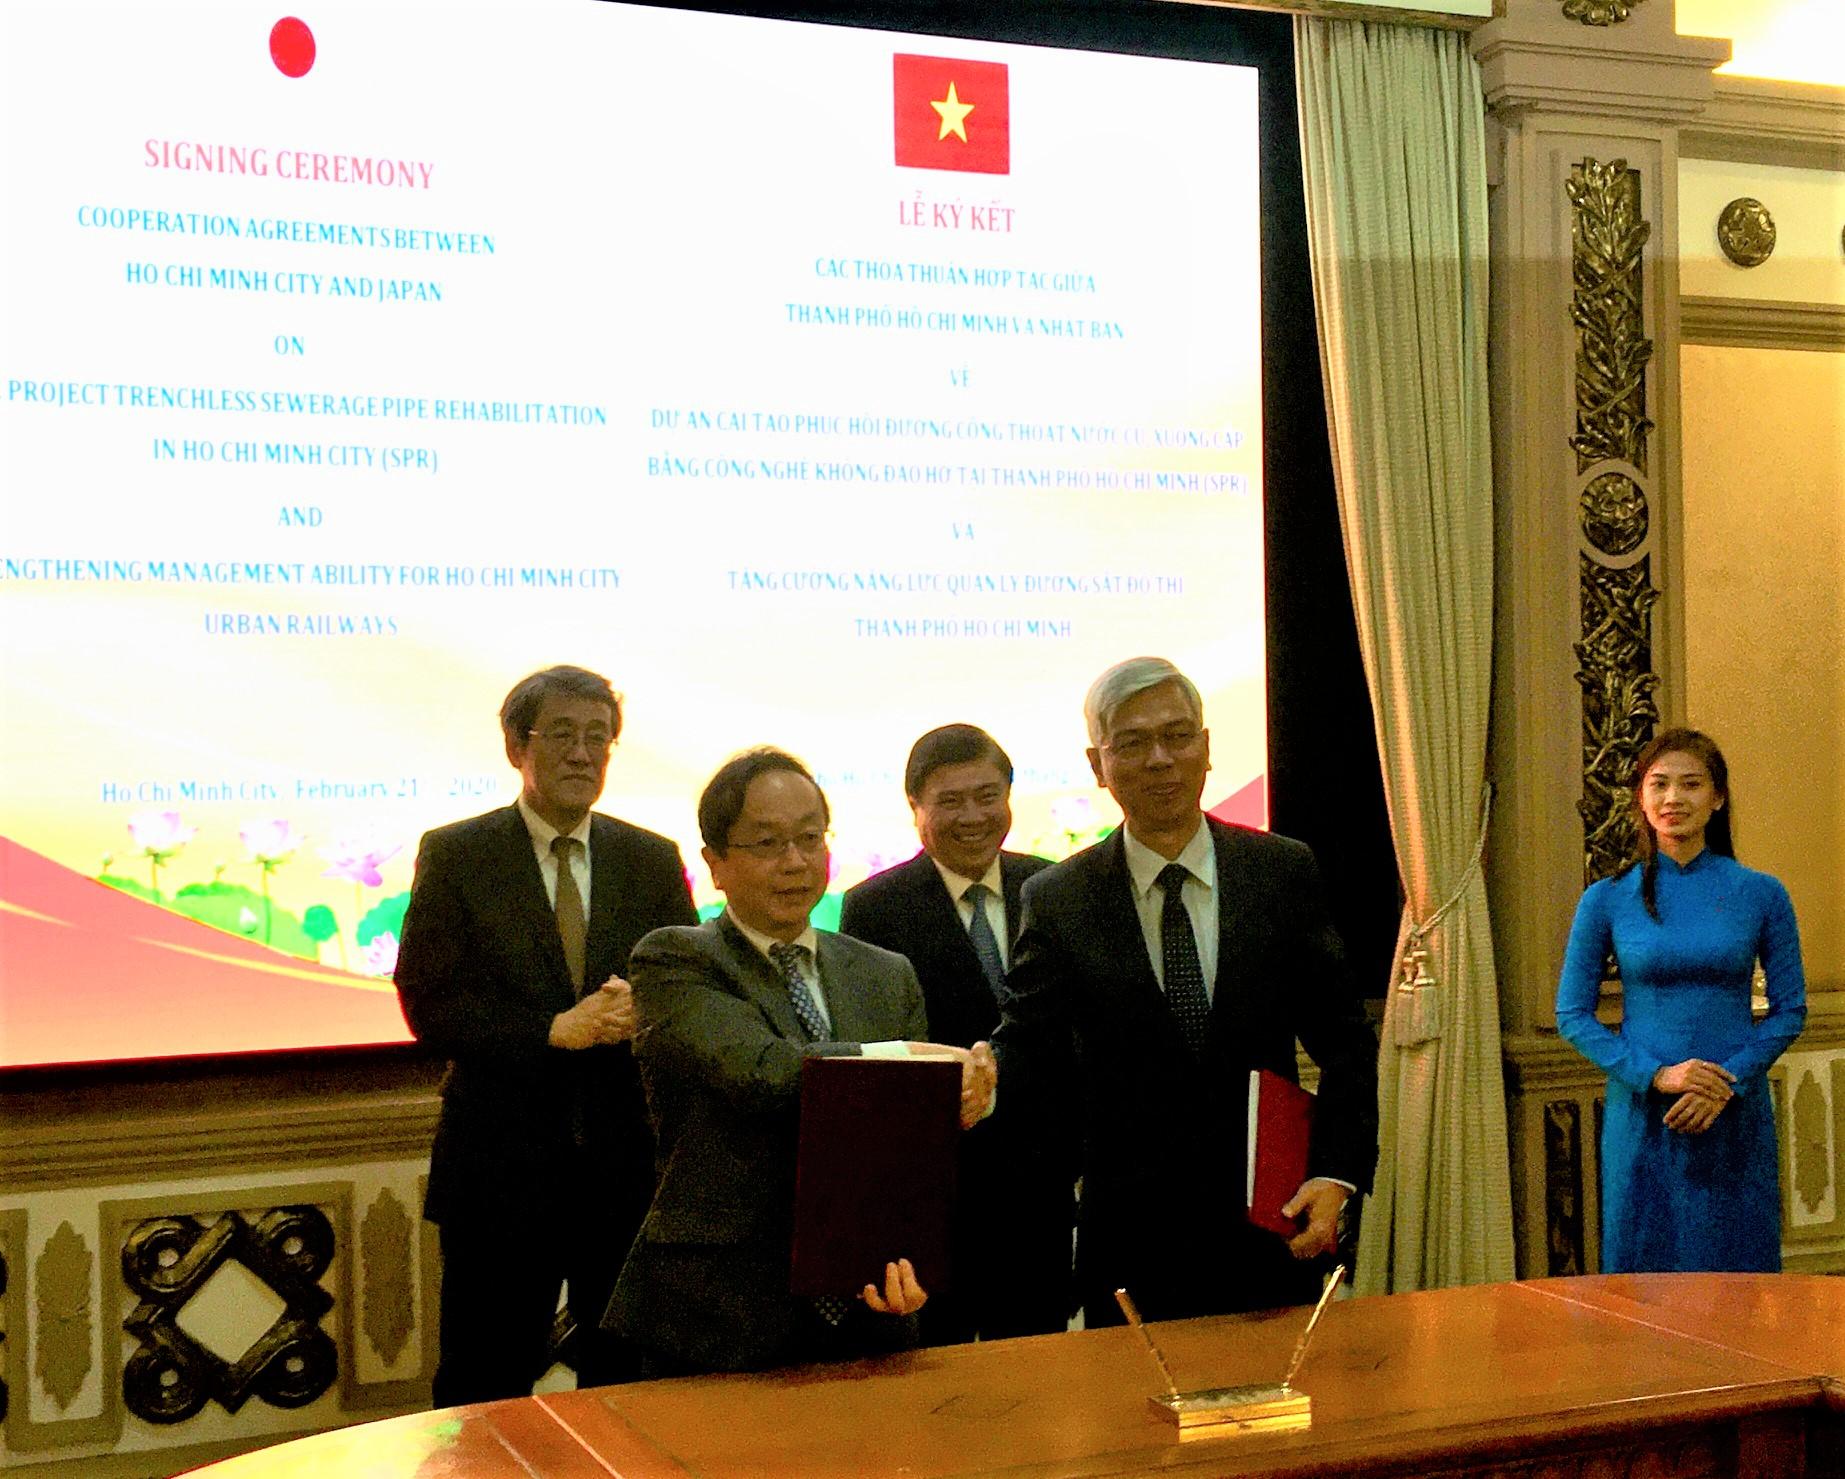 Viện trợ vốn cho dự án cải tạo thoát nước TP Hồ Chí Minh